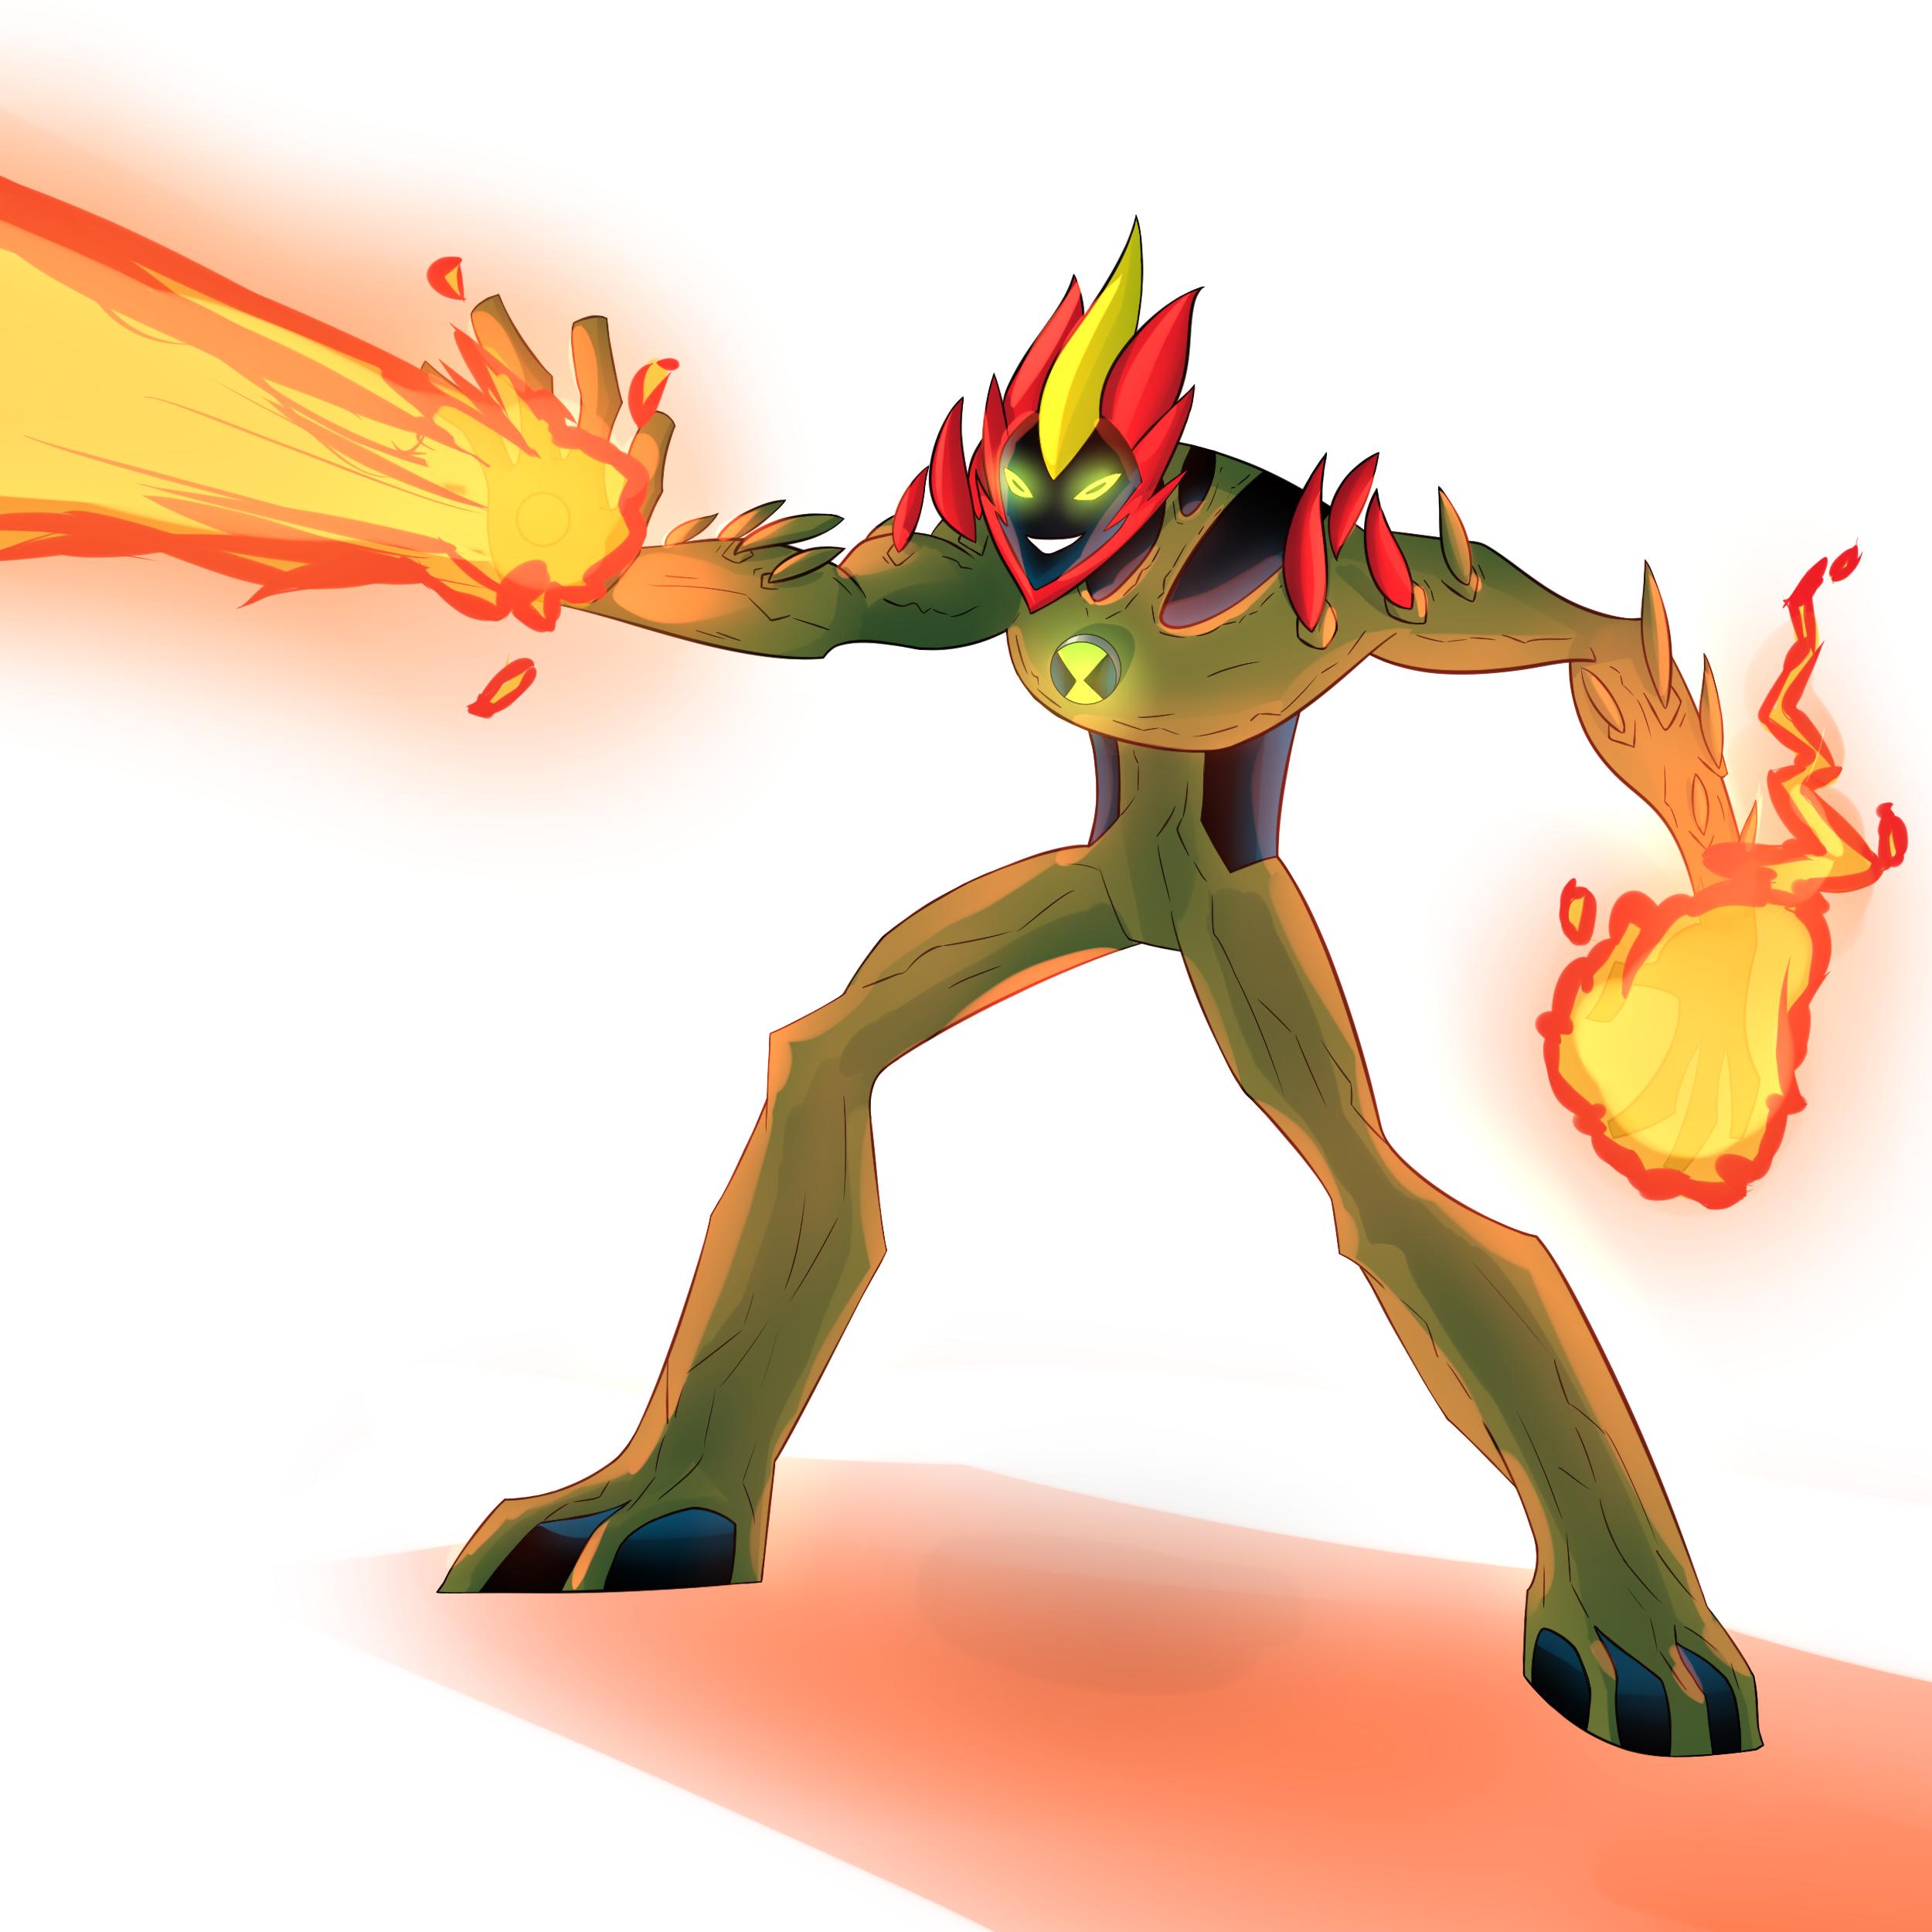 Ben10tober Day 11: Swampfire!